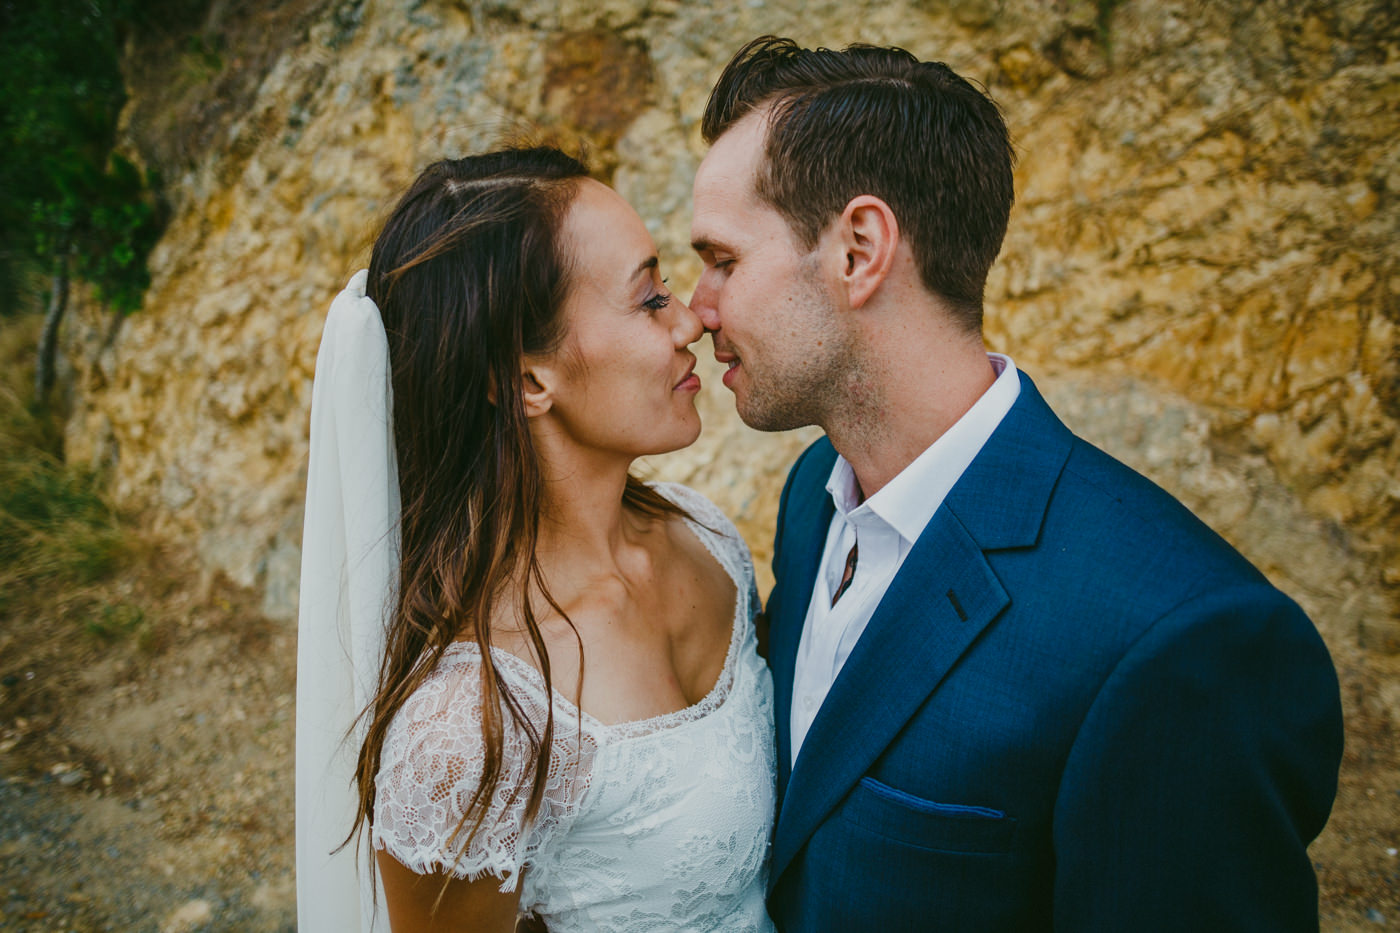 073z_auckland_leigh_wedding_photos.jpg